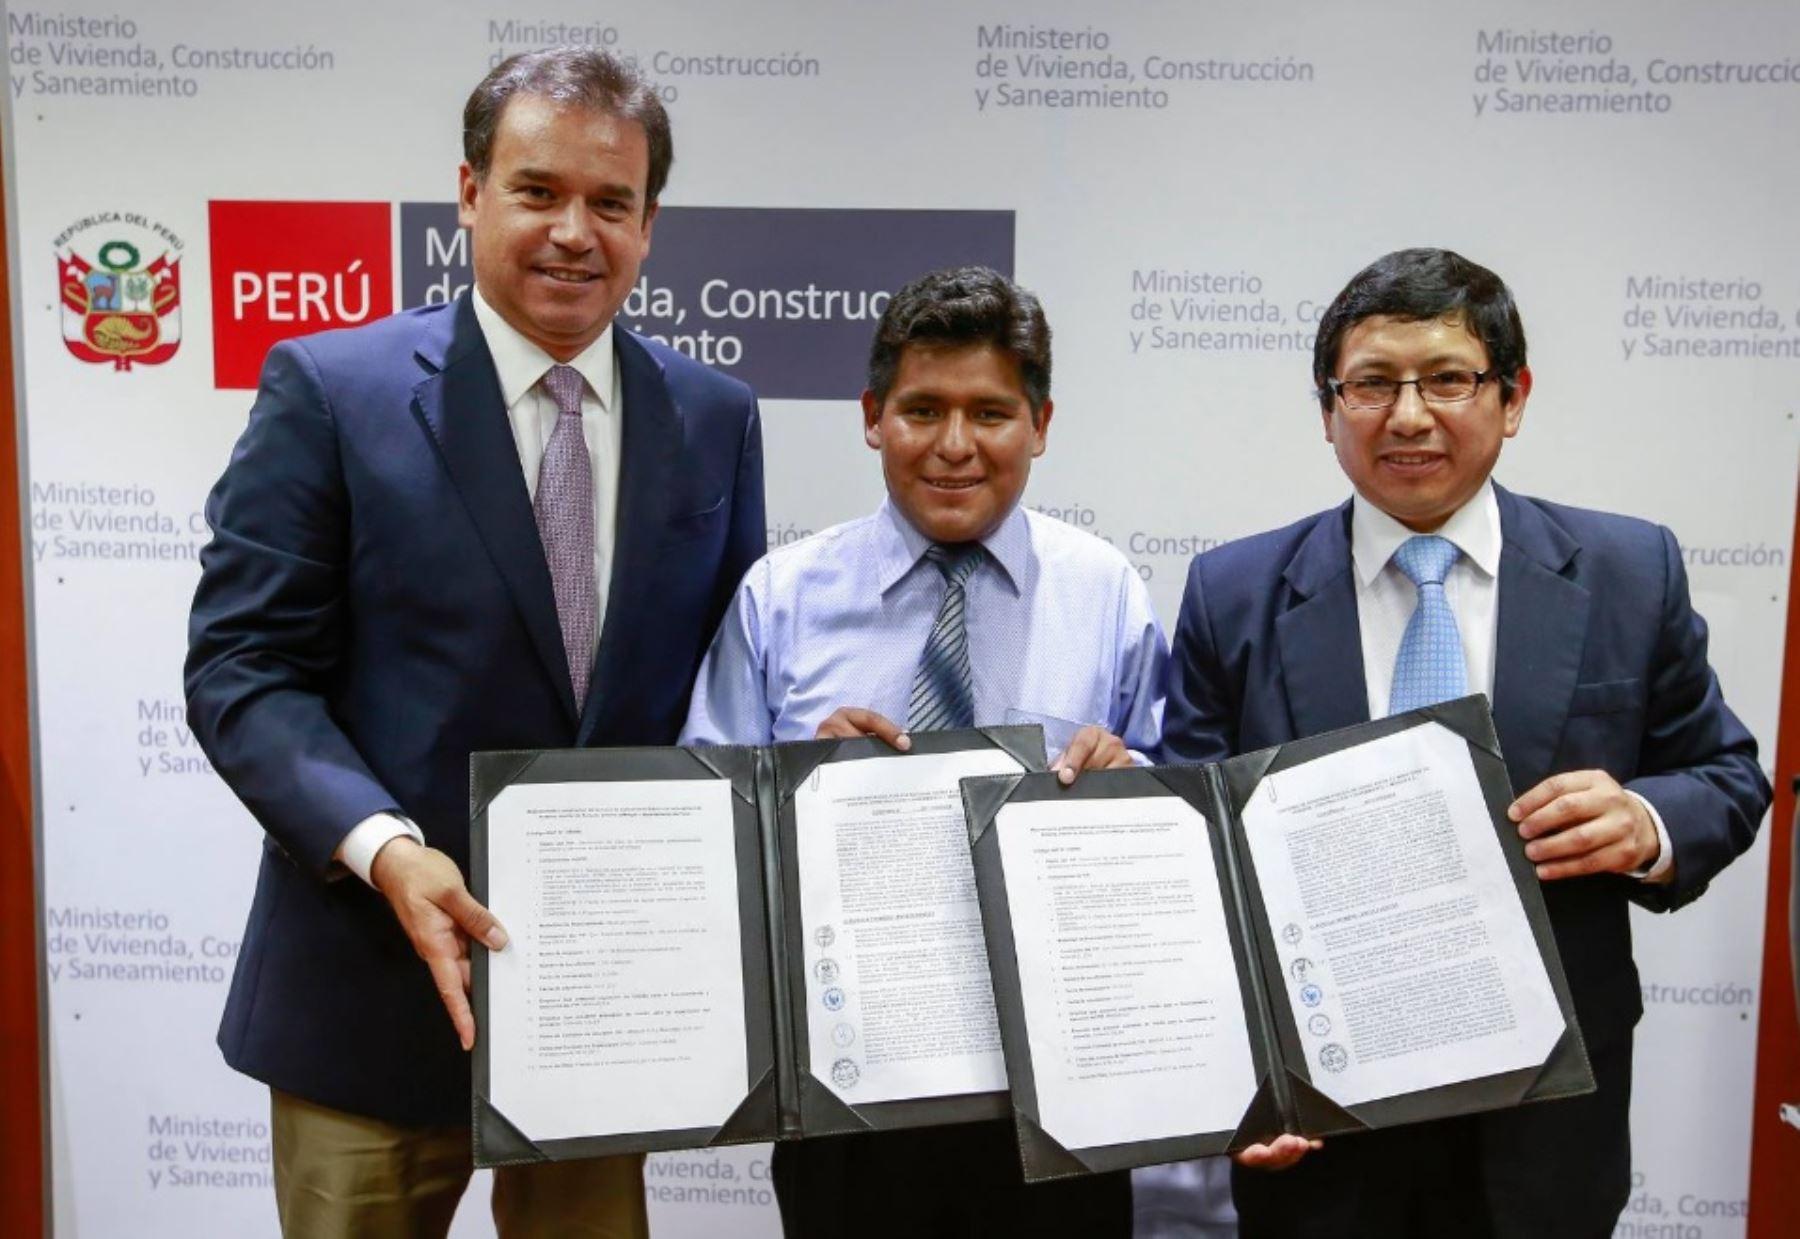 Ministro de Vivienda, Construcción y Saneamiento,  Edmer Trujillo Mori, suscribe convenio con representante de empresa Minsur para ejecución del primer proyecto de agua potable y saneamiento a ejecutarse vía Obras por Impuestos en la región Puno.